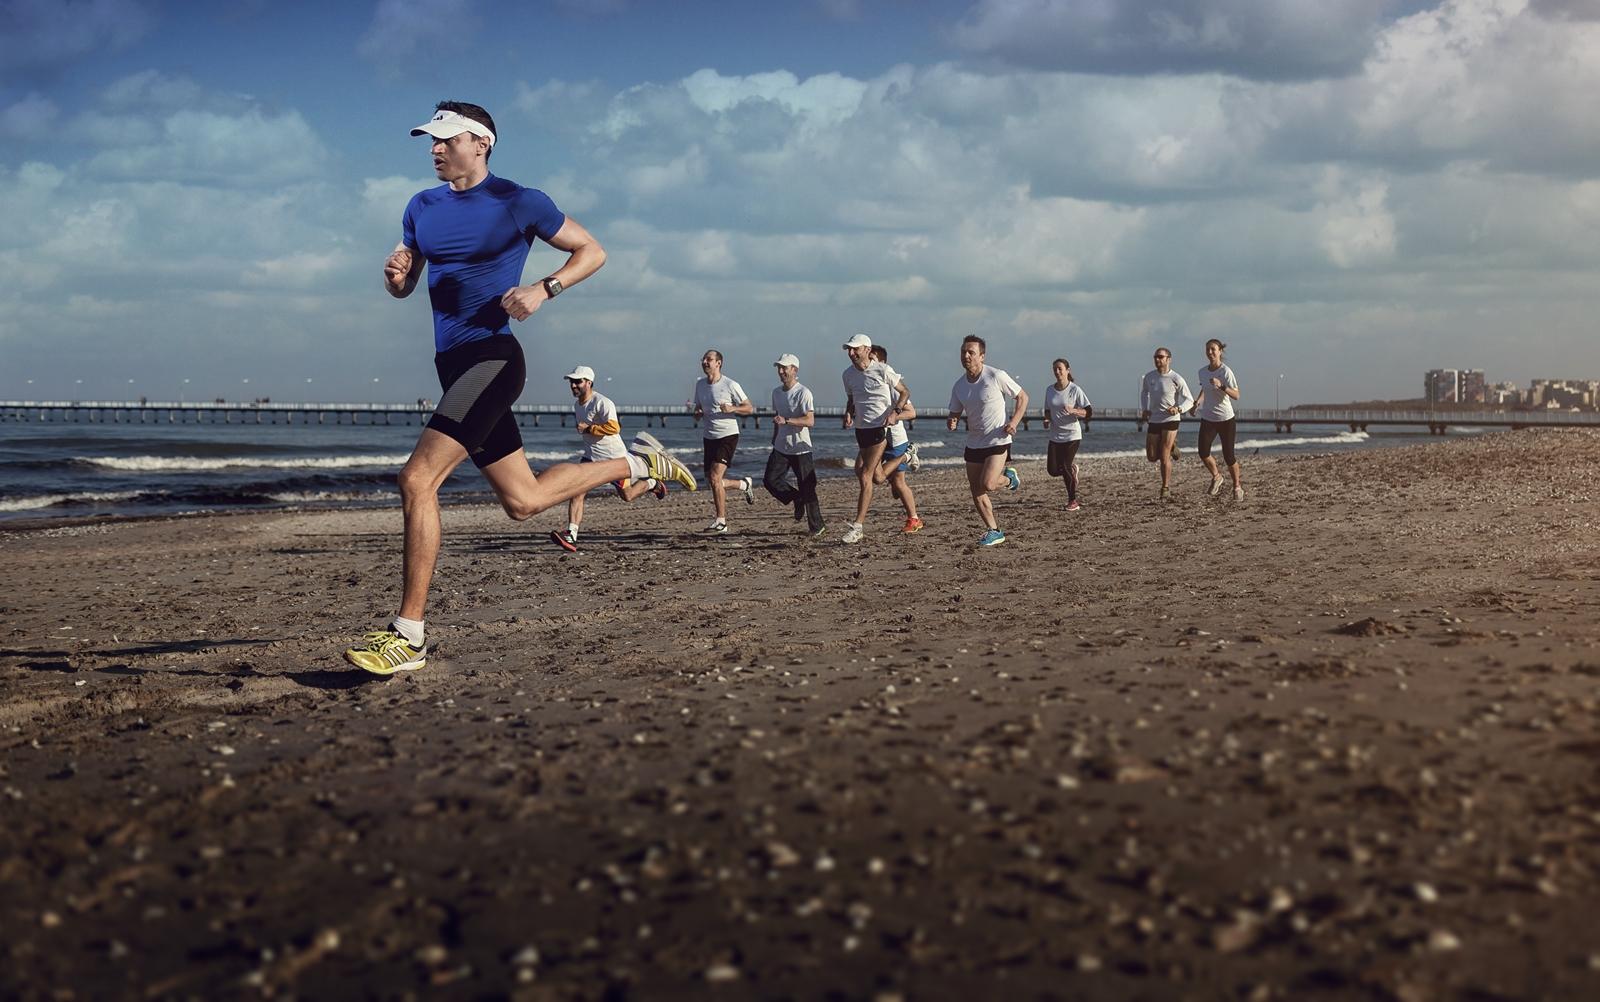 S-a dat startul inscrierilor la Maratonul Nisipului 2015